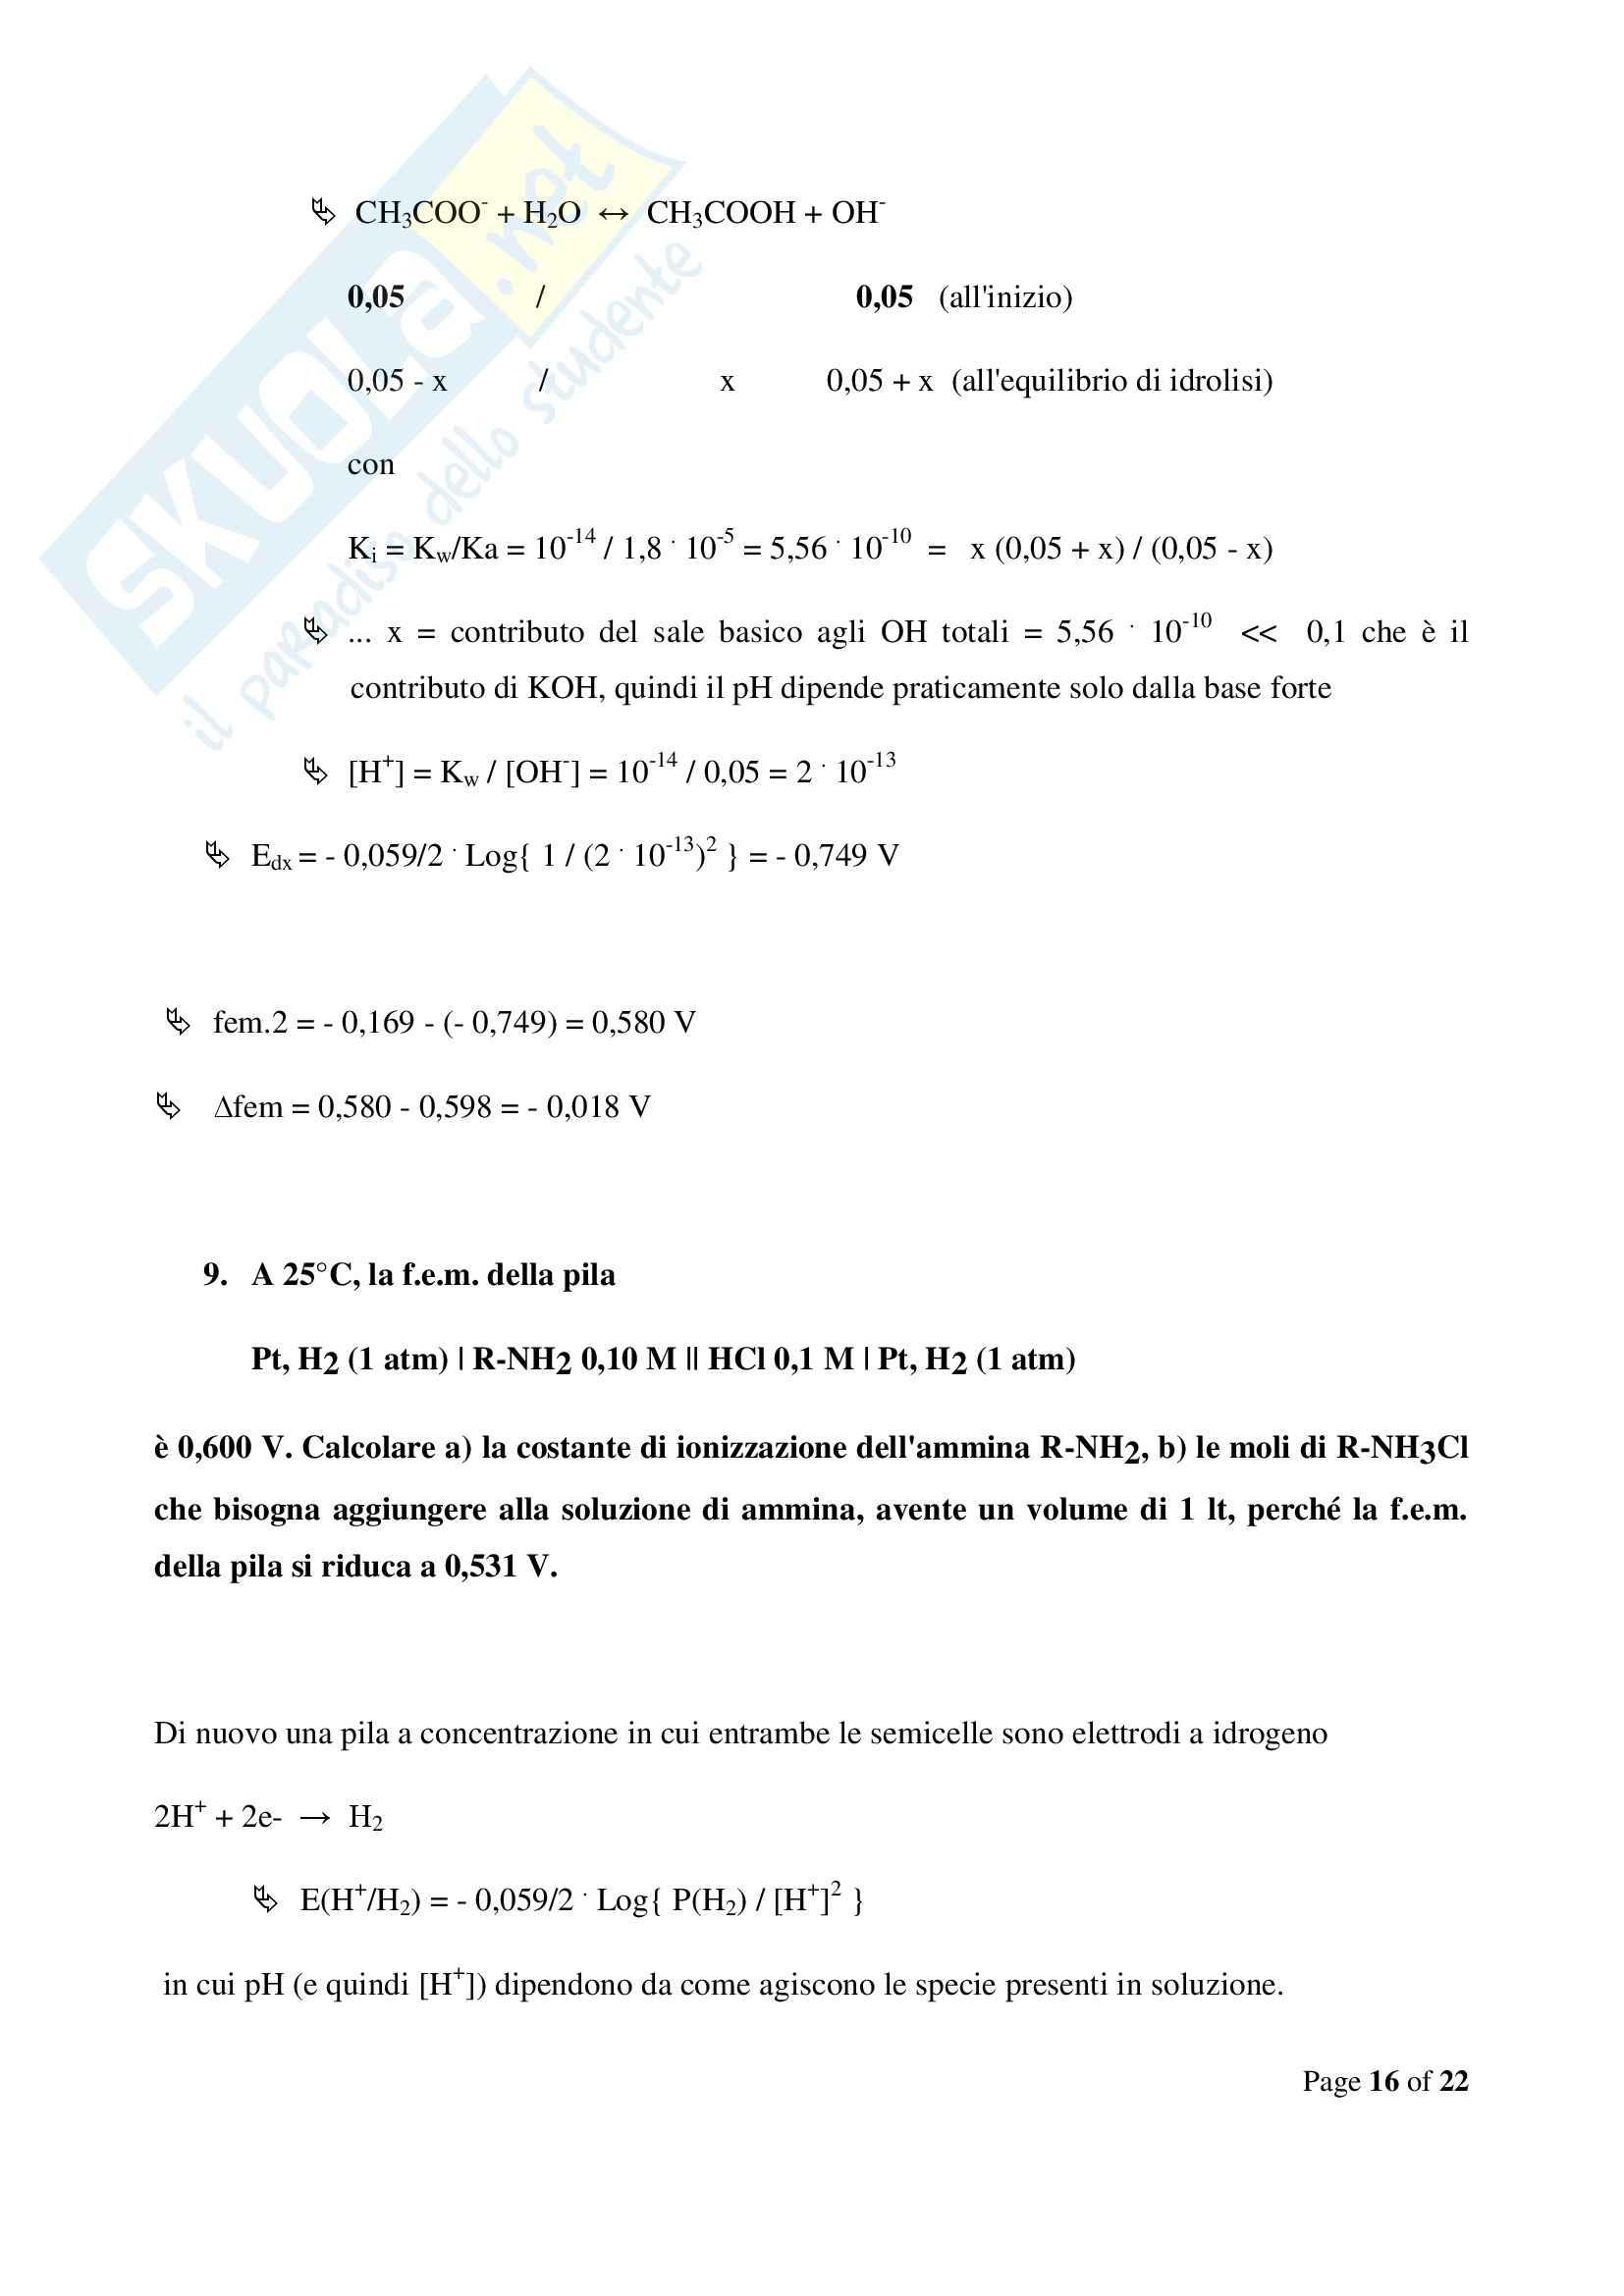 Chimica  e propedeutica biochimica - esercizi sulle pile Pag. 16